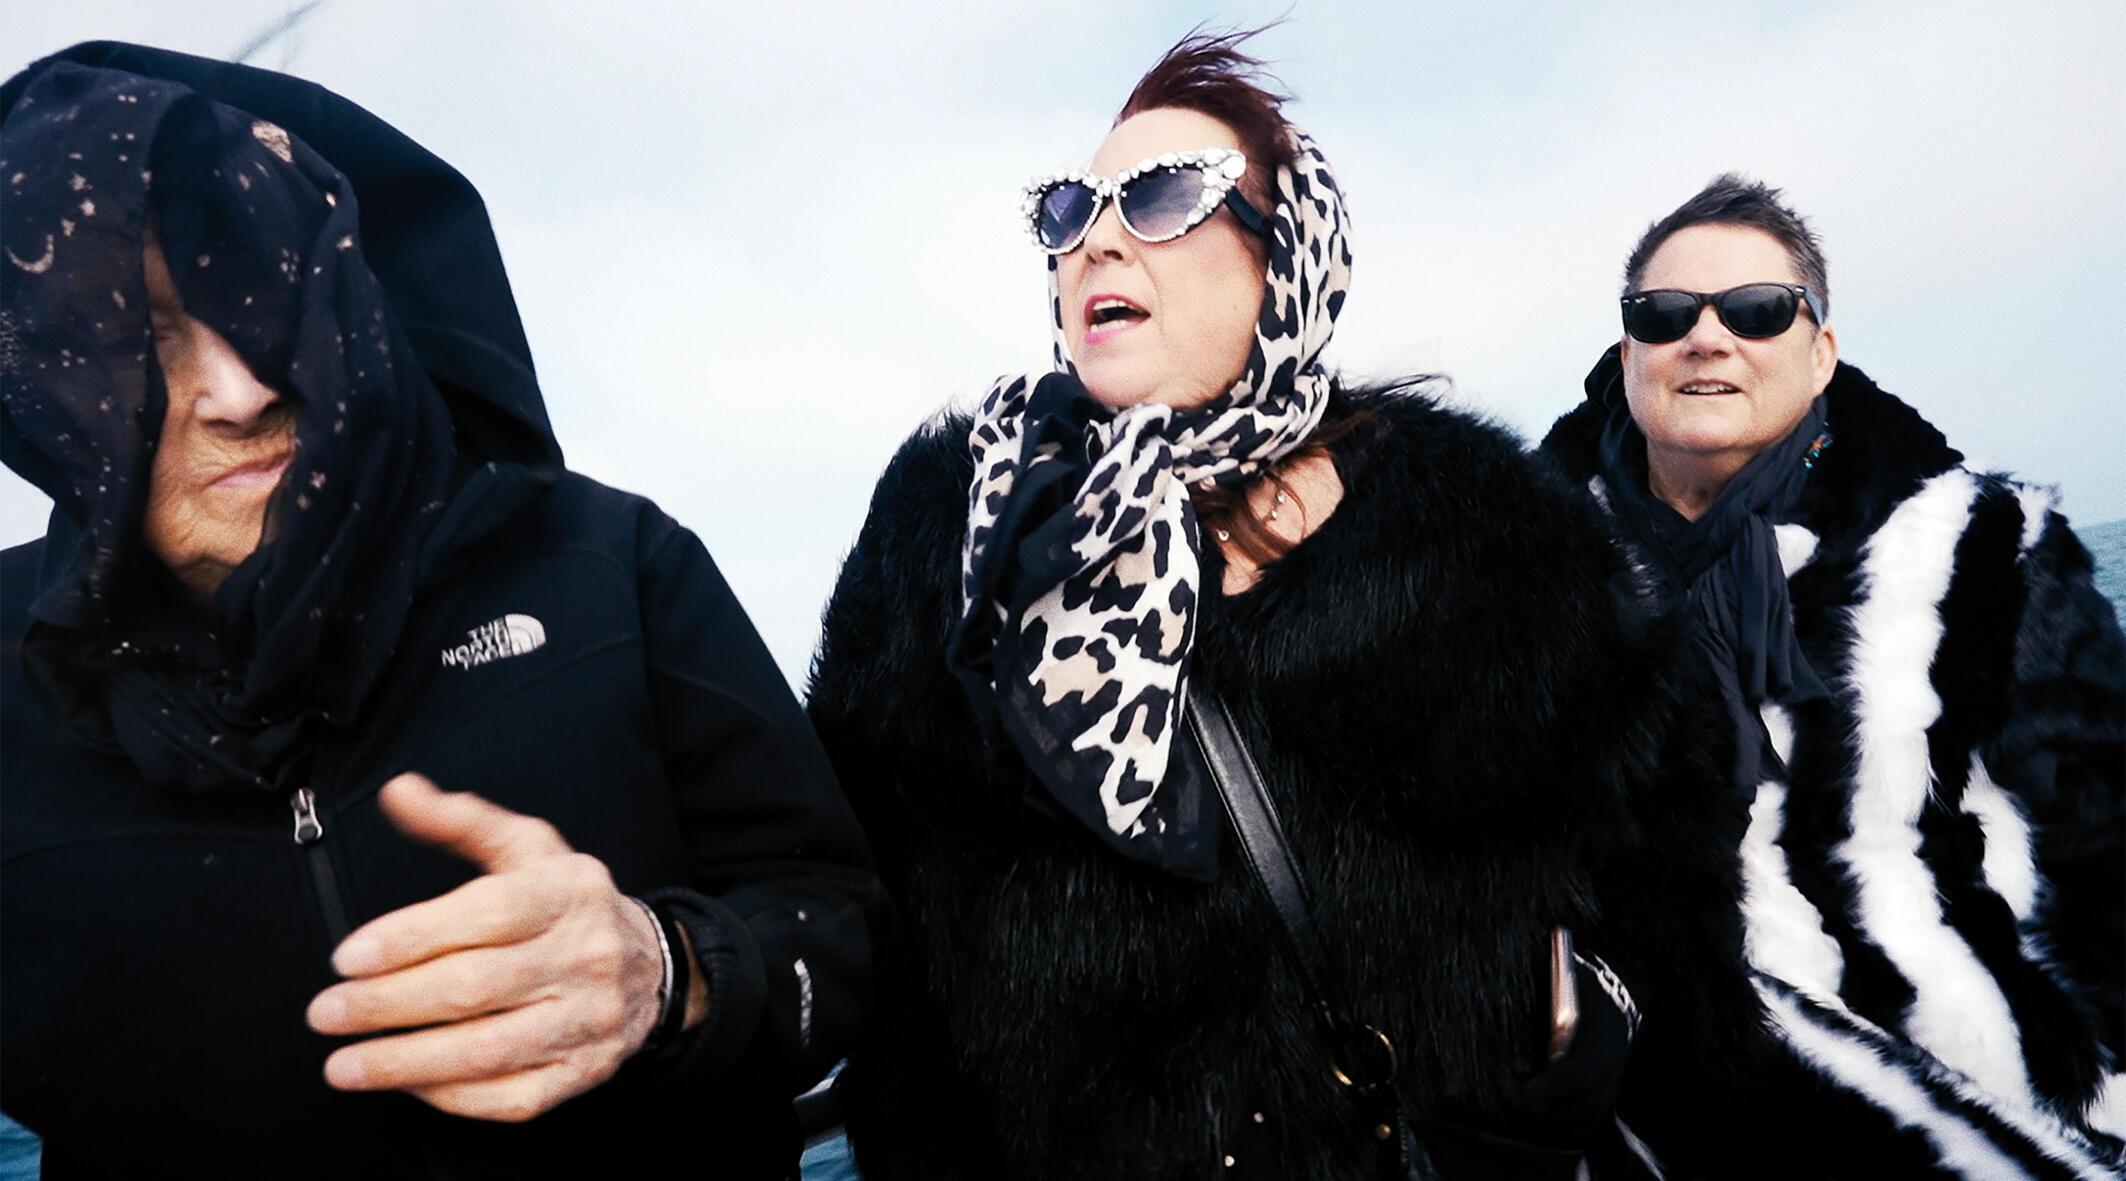 """Cena do filme """"Genderation"""" de Monika Treut, em cartaz na edição de verão da Berlinale 2021."""